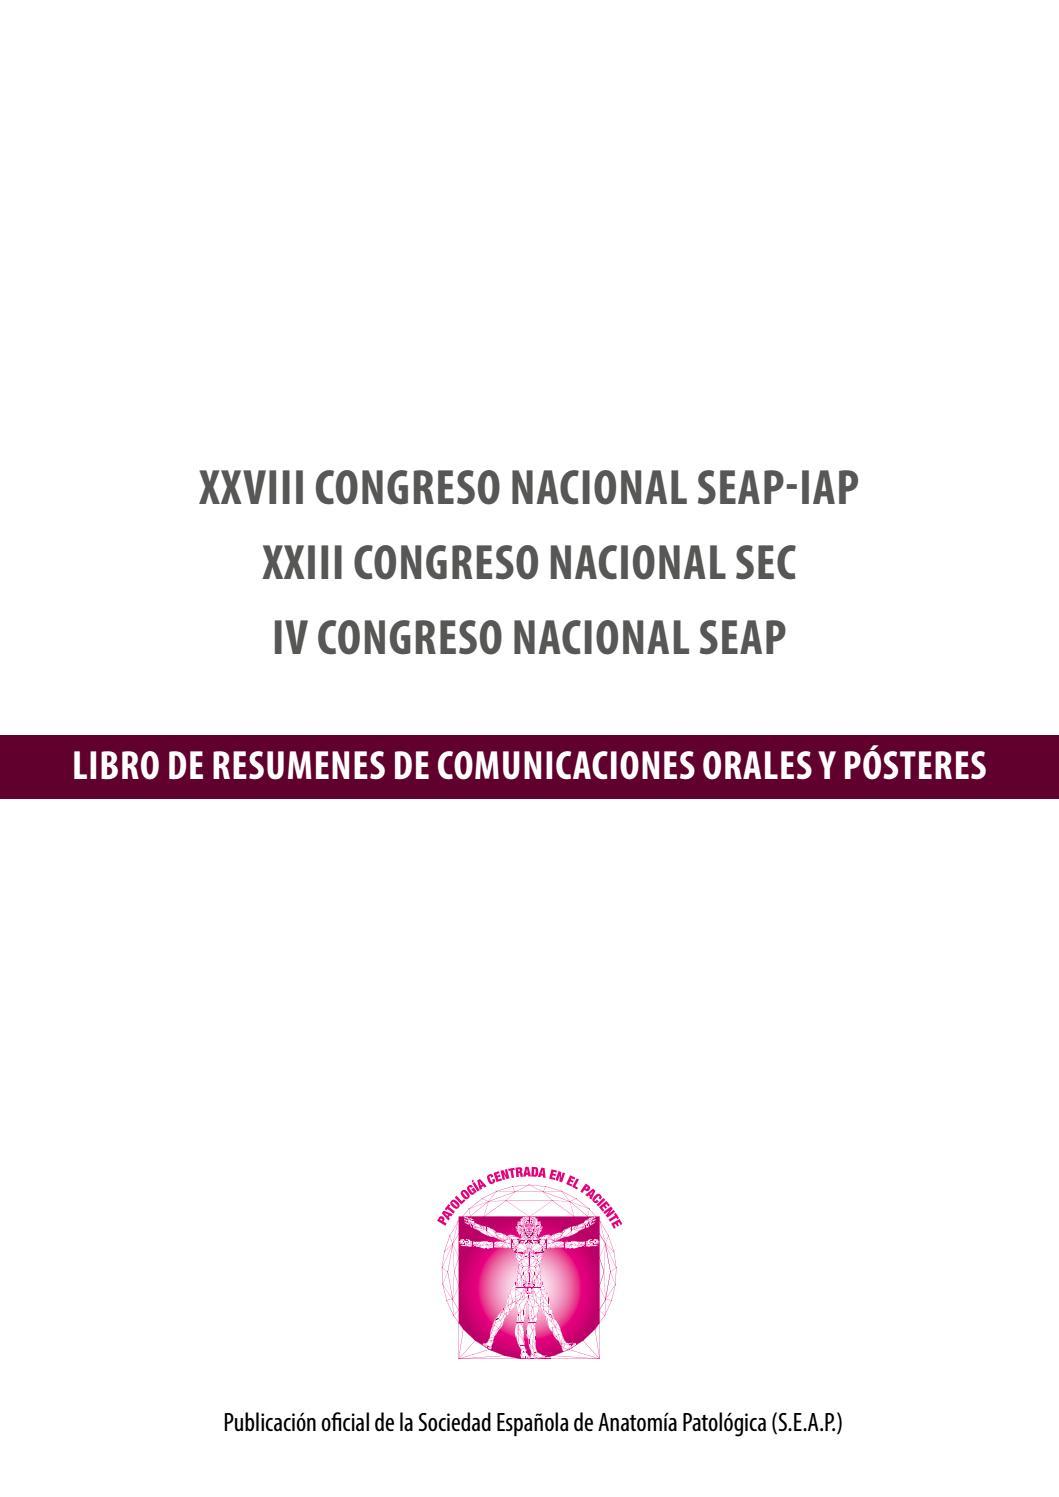 XXVIII CONGRESO NACIONAL SEAP-IAP by oxidrilop450 - issuu